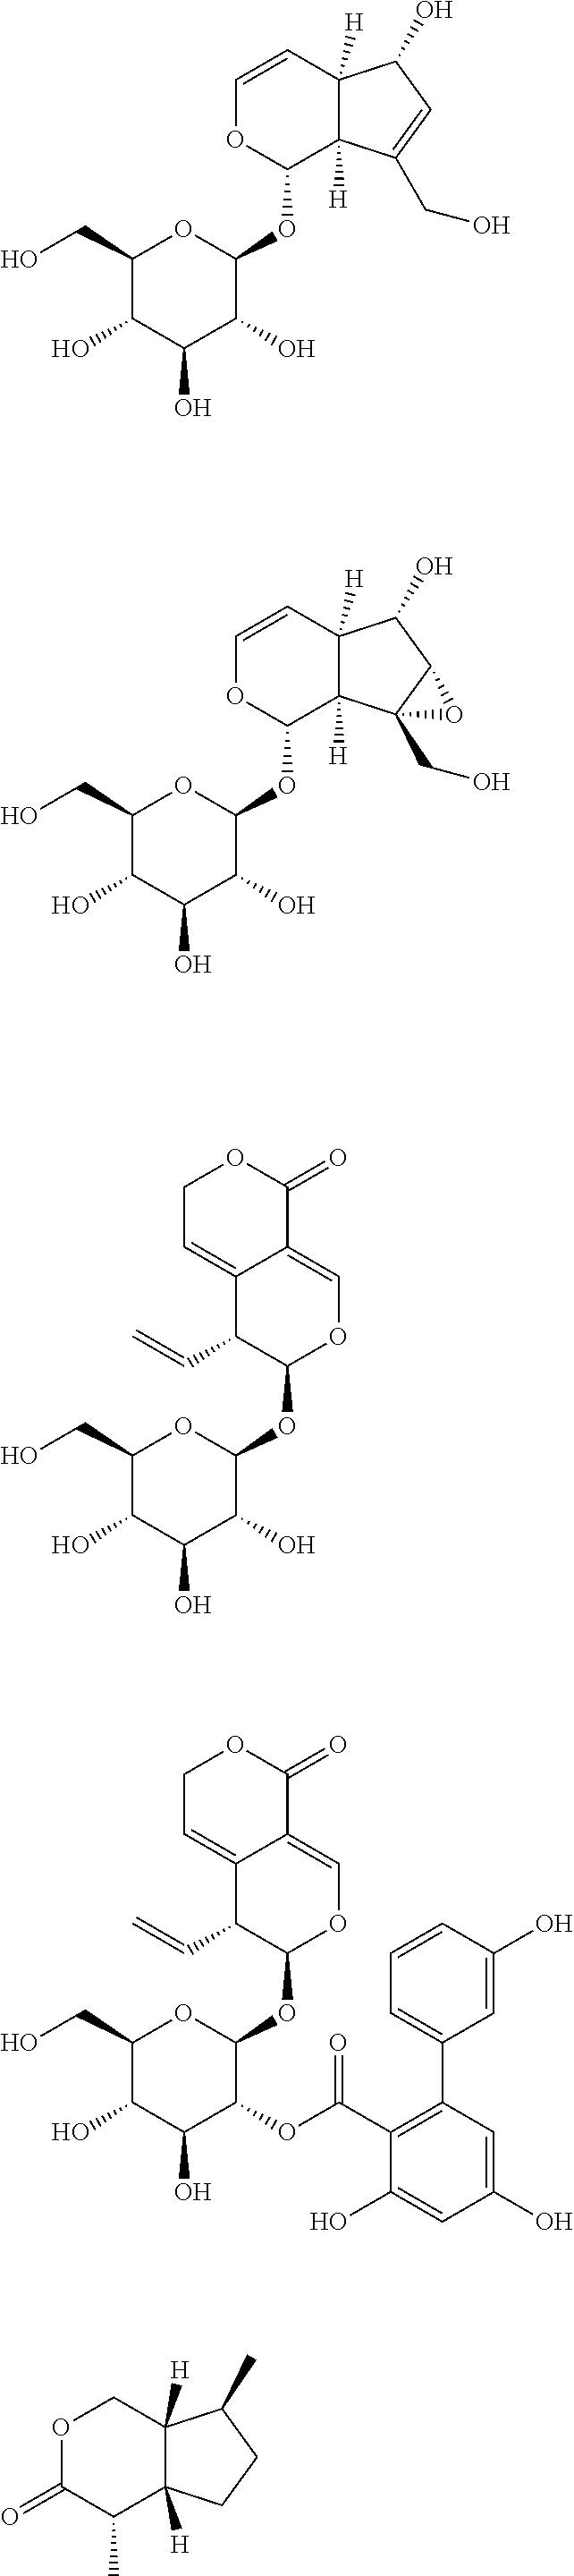 Figure US09962344-20180508-C00090